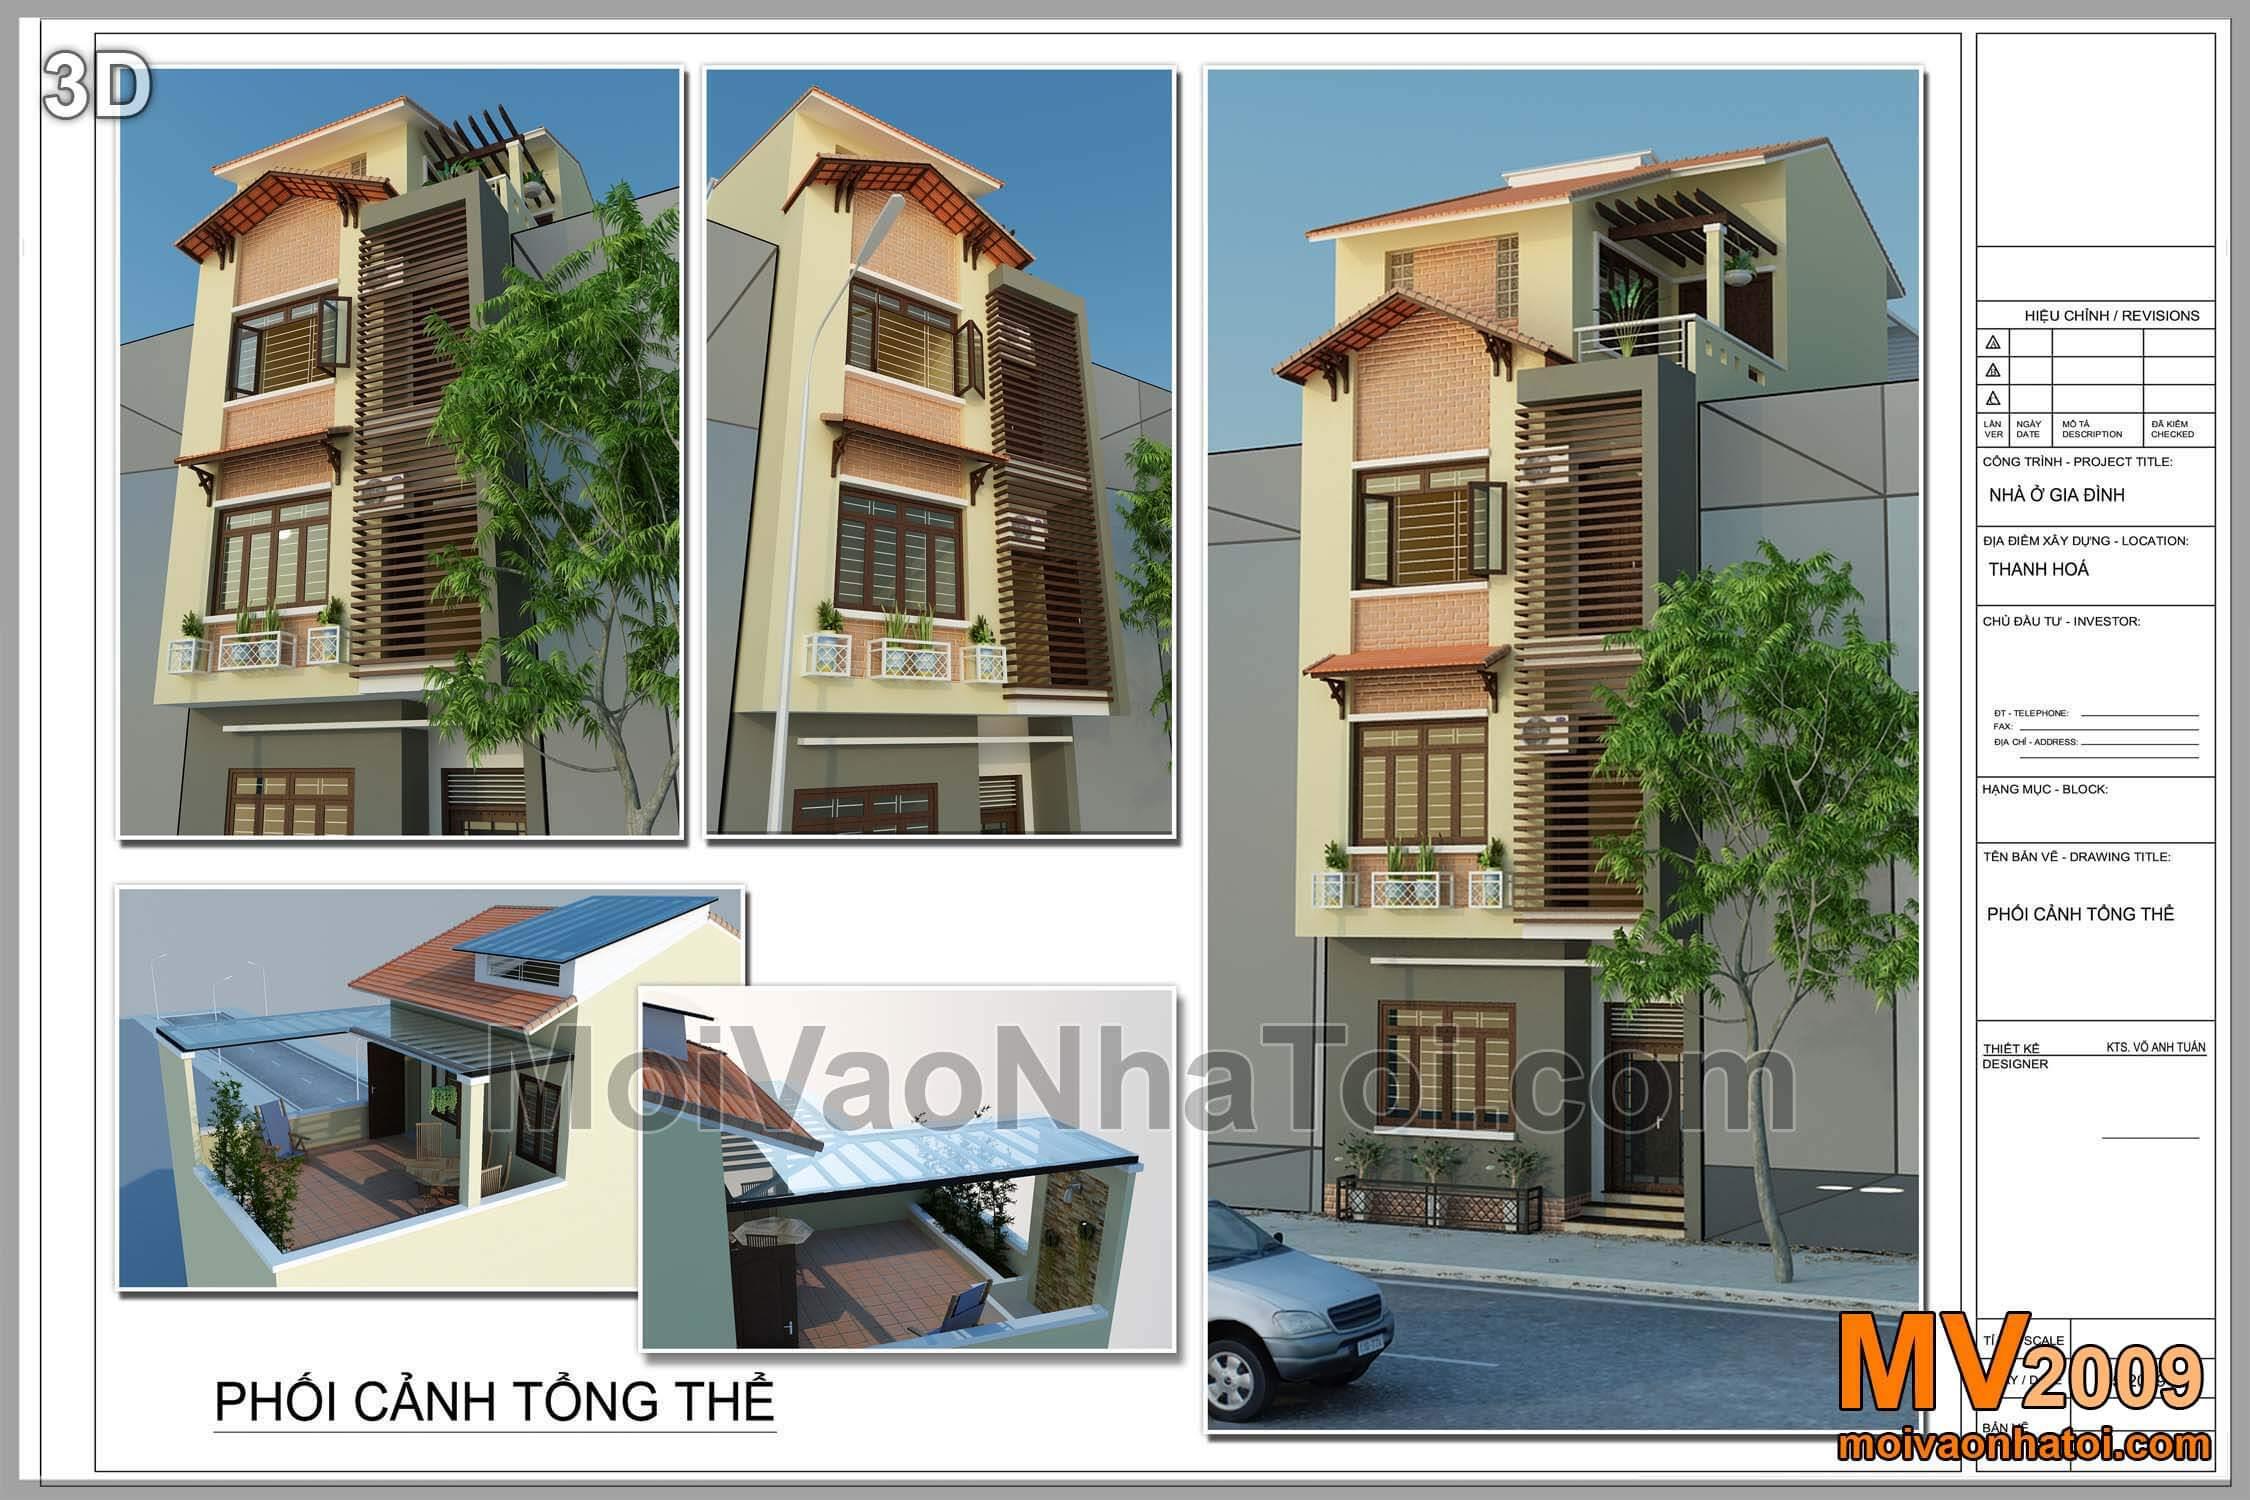 Thiết kế nhà phố đẹp mang phong cách nhà vườn 4 tầng x 70m2